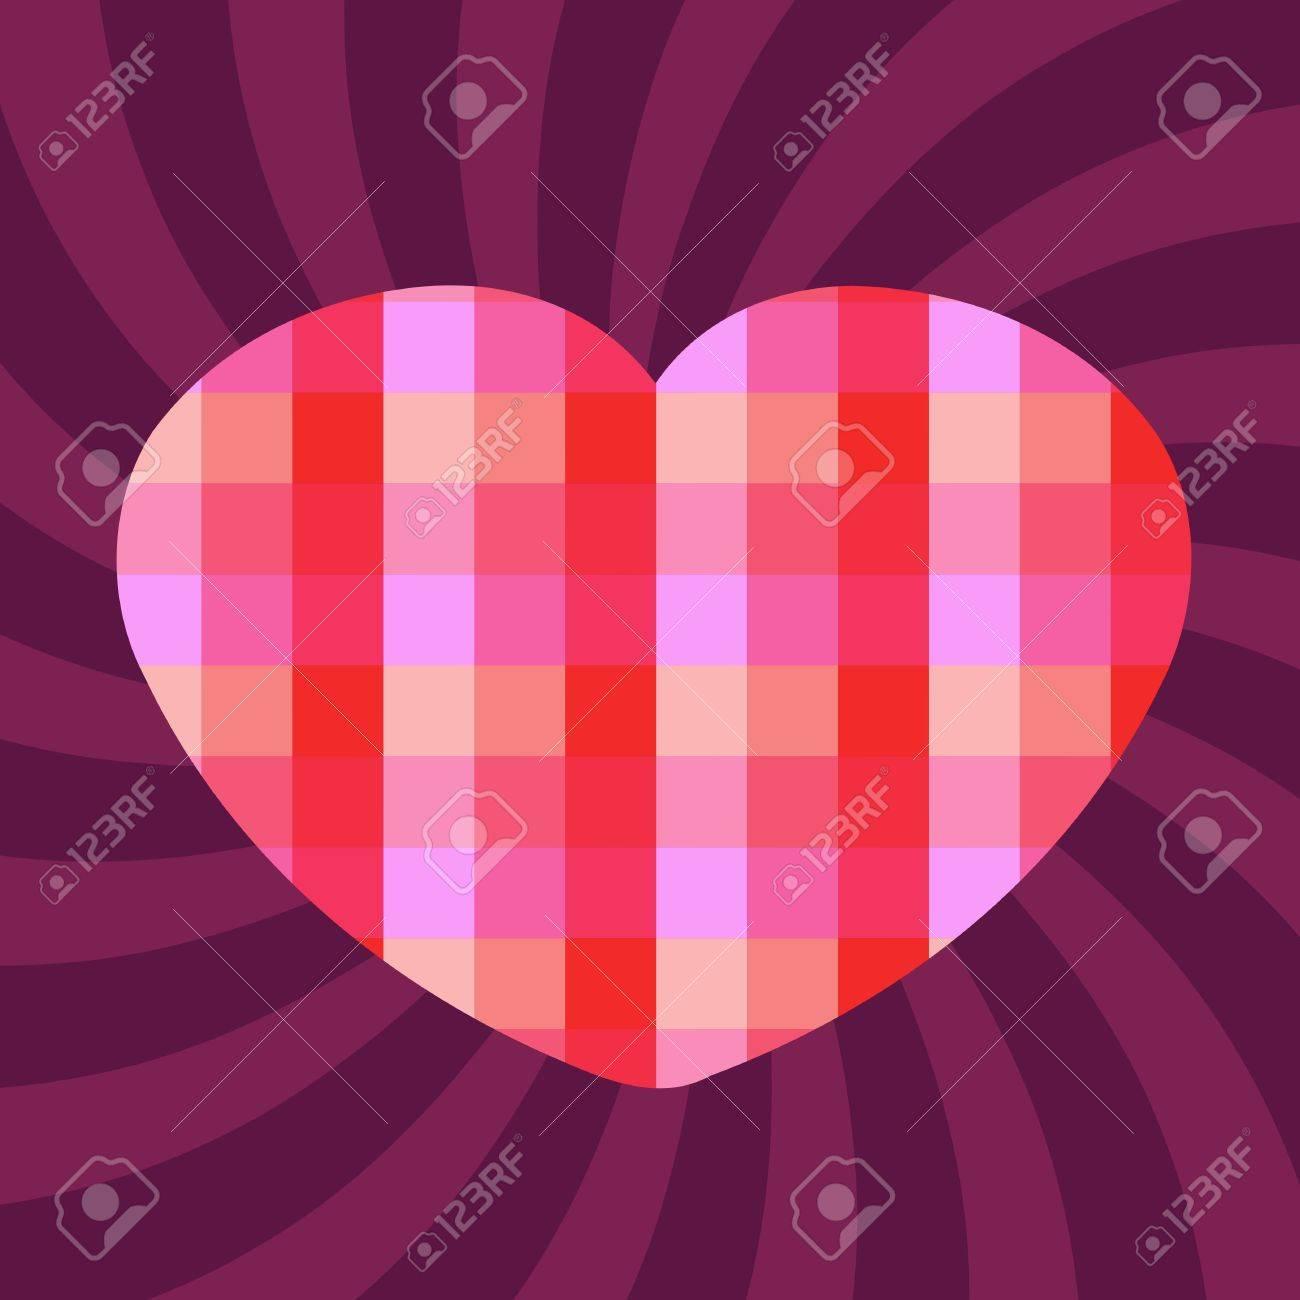 Romantische Feier Hintergrund Fur Den Valentinstag Herz Und